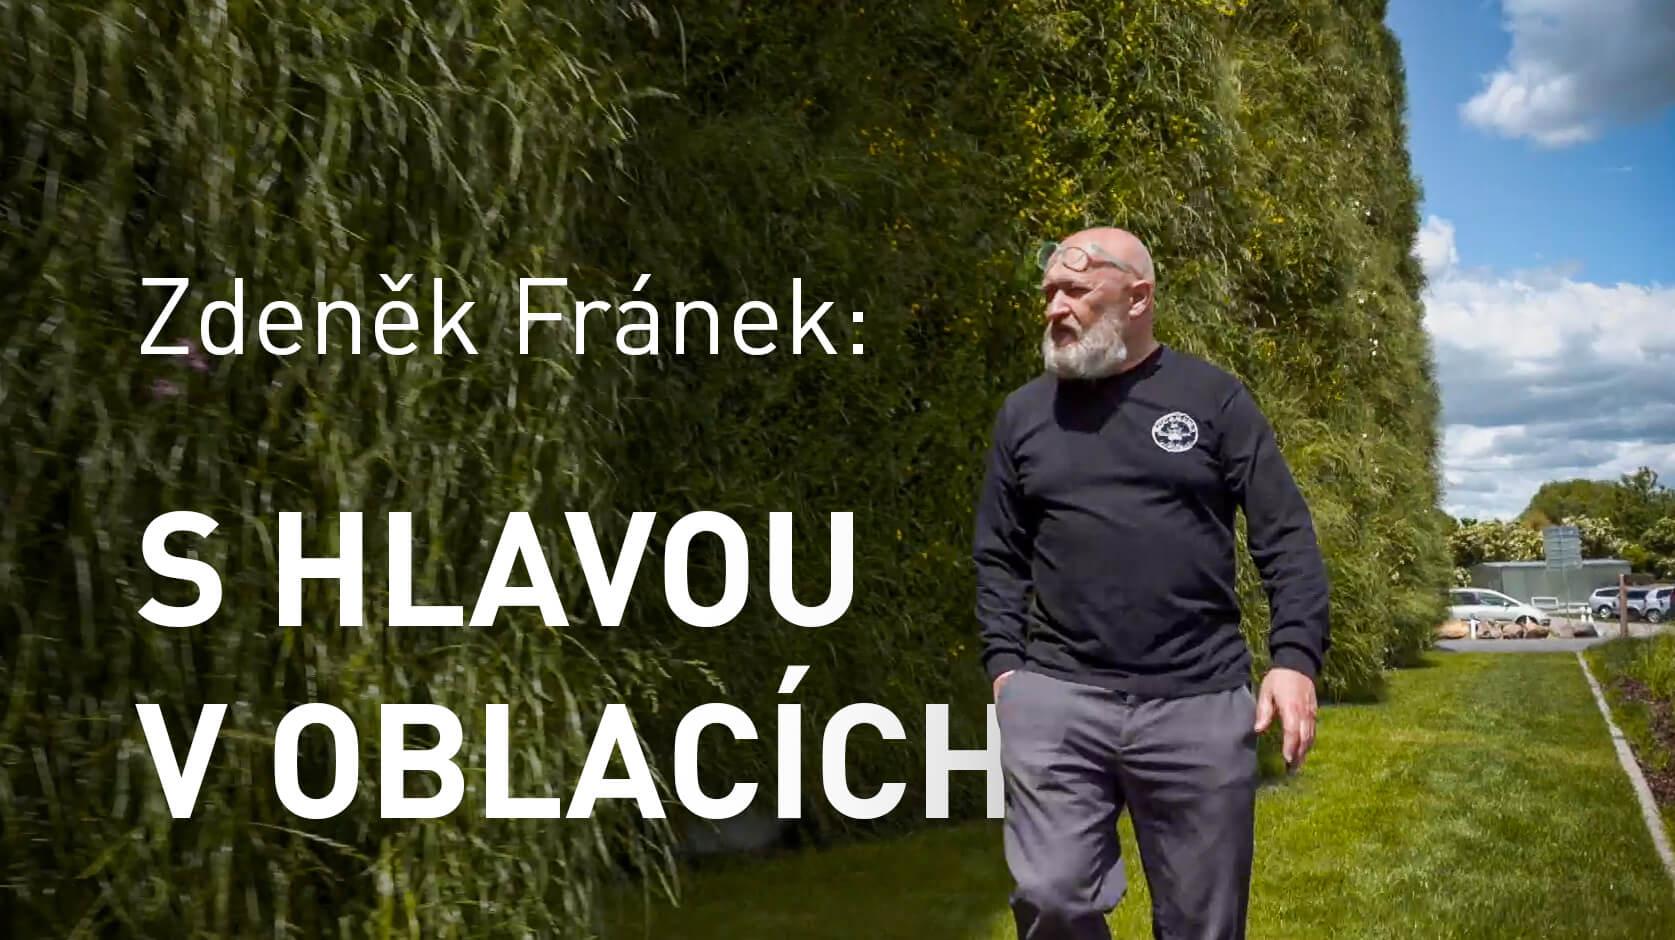 Zdeněk Fránek - S hlavou v oblacích